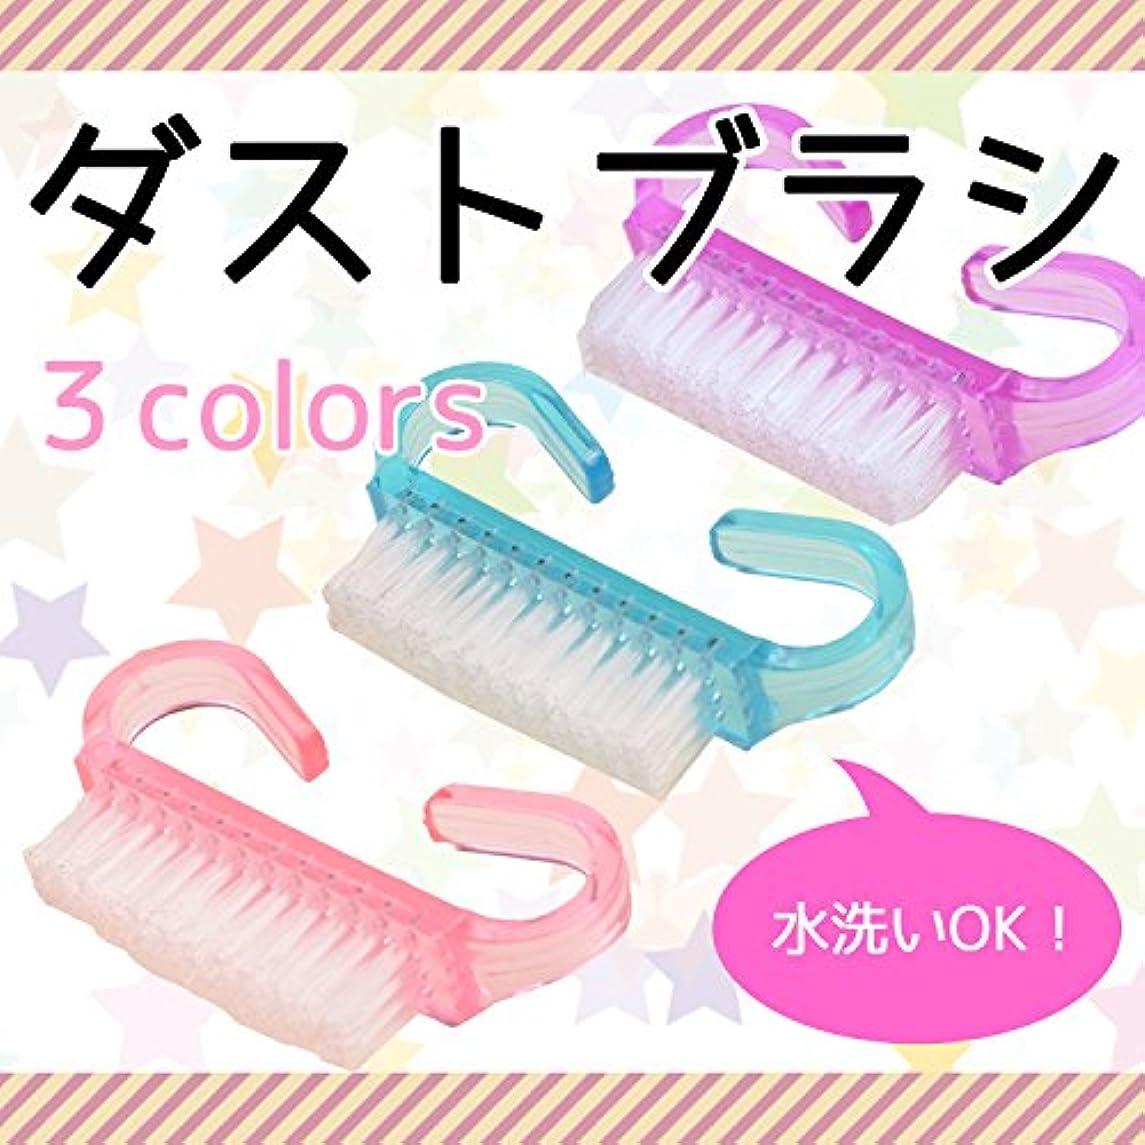 浴室電気技師ピザネイルブラシ ダストブラシ フィンガーブラシ 選べる3色 (ライトブルー)